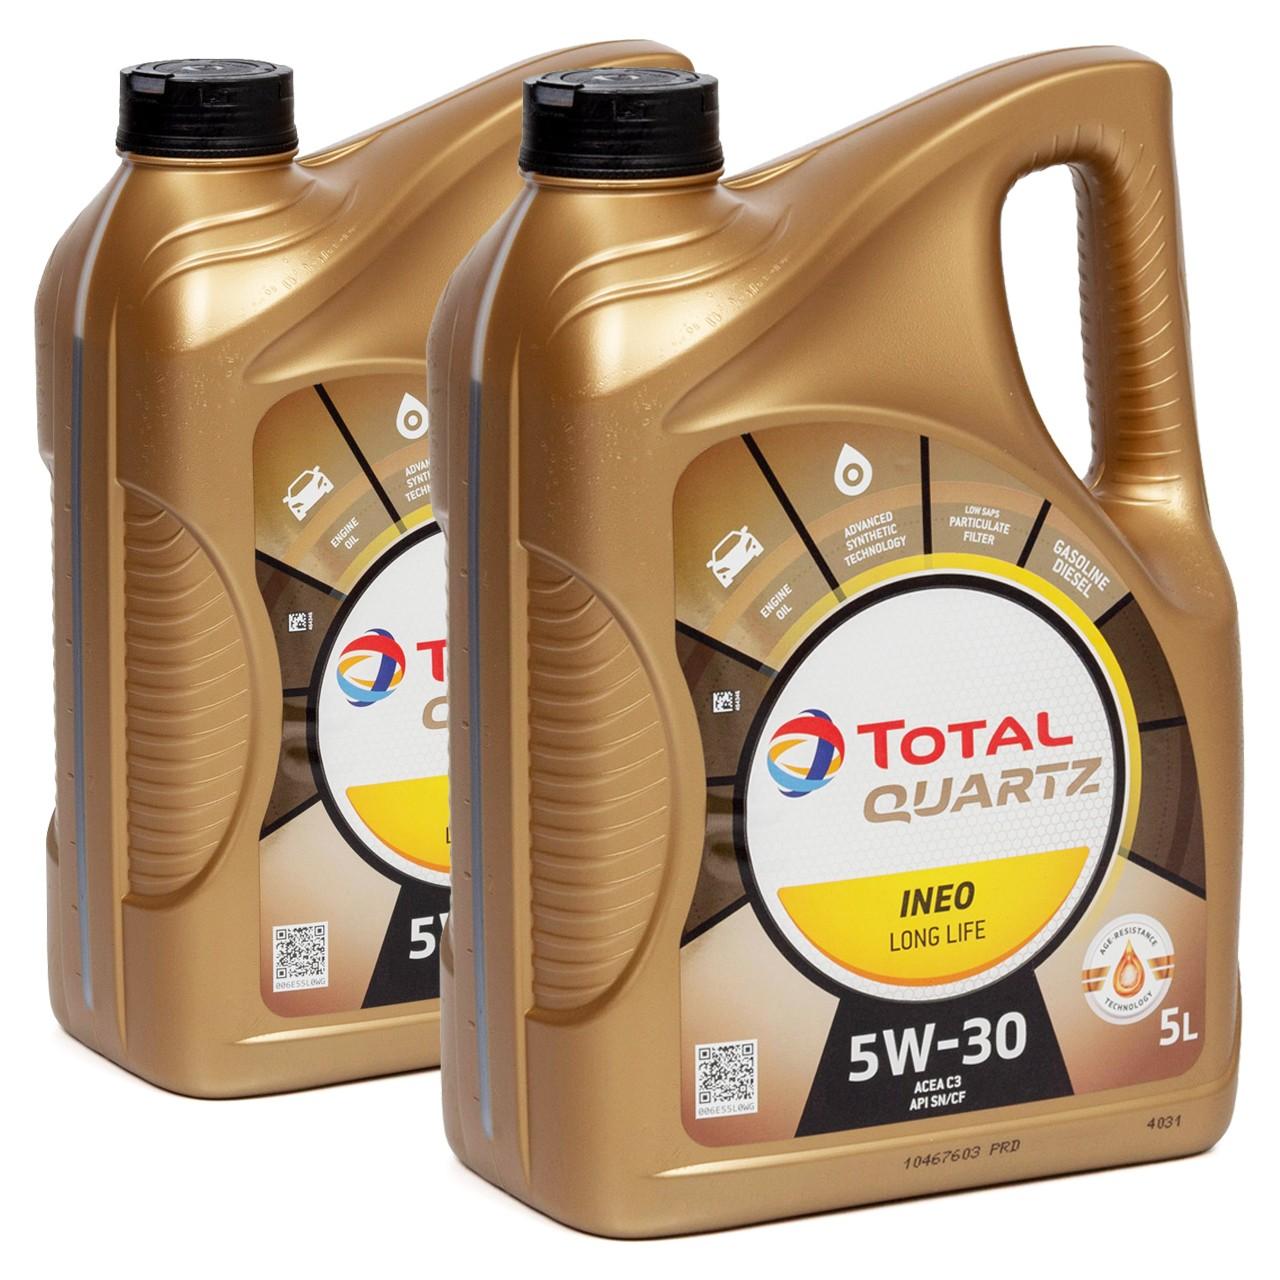 TOTAL QUARTZ INEO LONGLIFE 5W30 Motoröl Öl VW 504/507.00 MB 229.51 10L 10 Liter